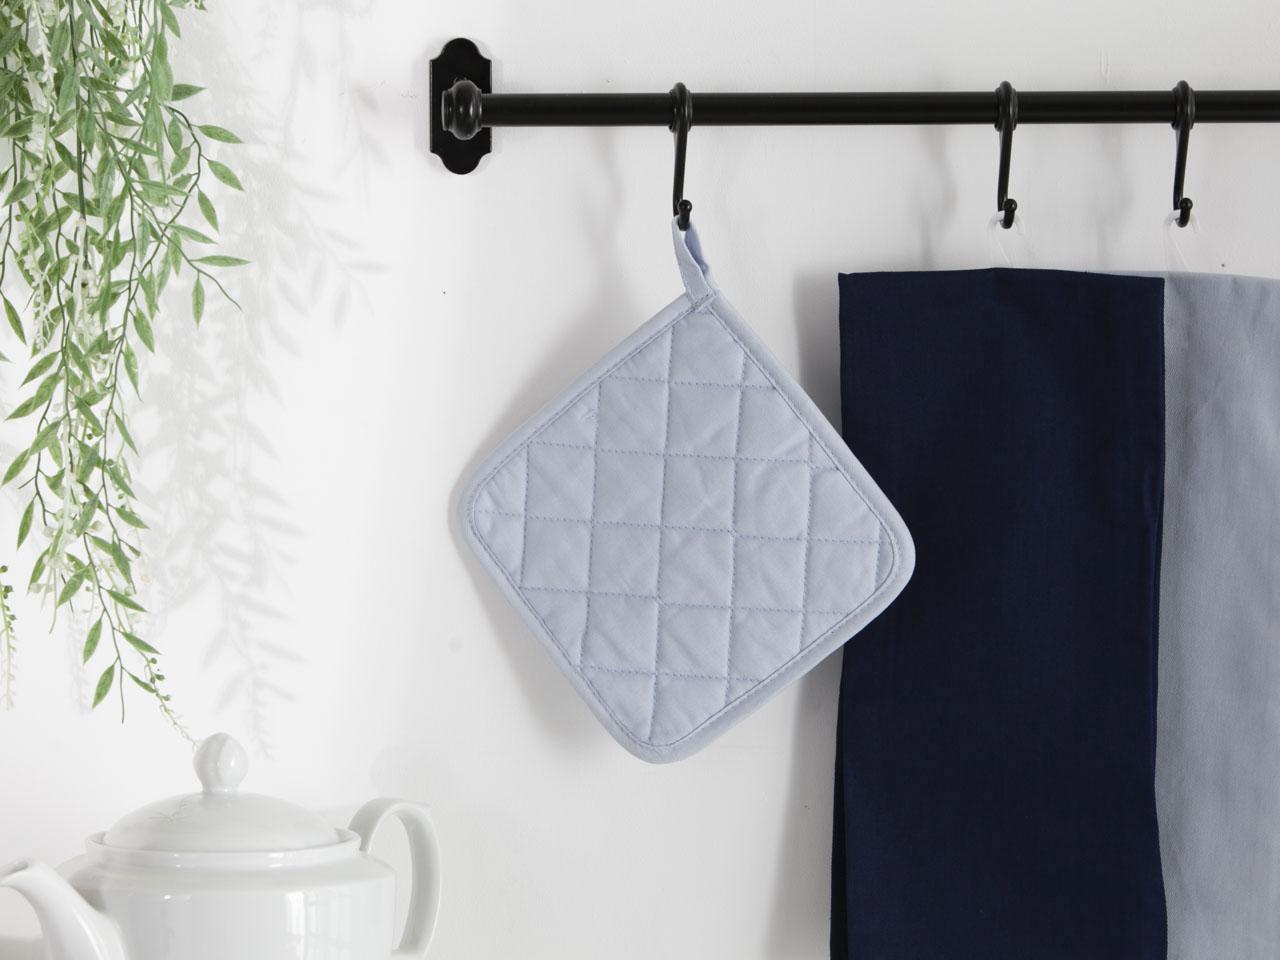 Łapka kuchenna 100% bawełna Altom Design kolekcja Monokolor błękitna